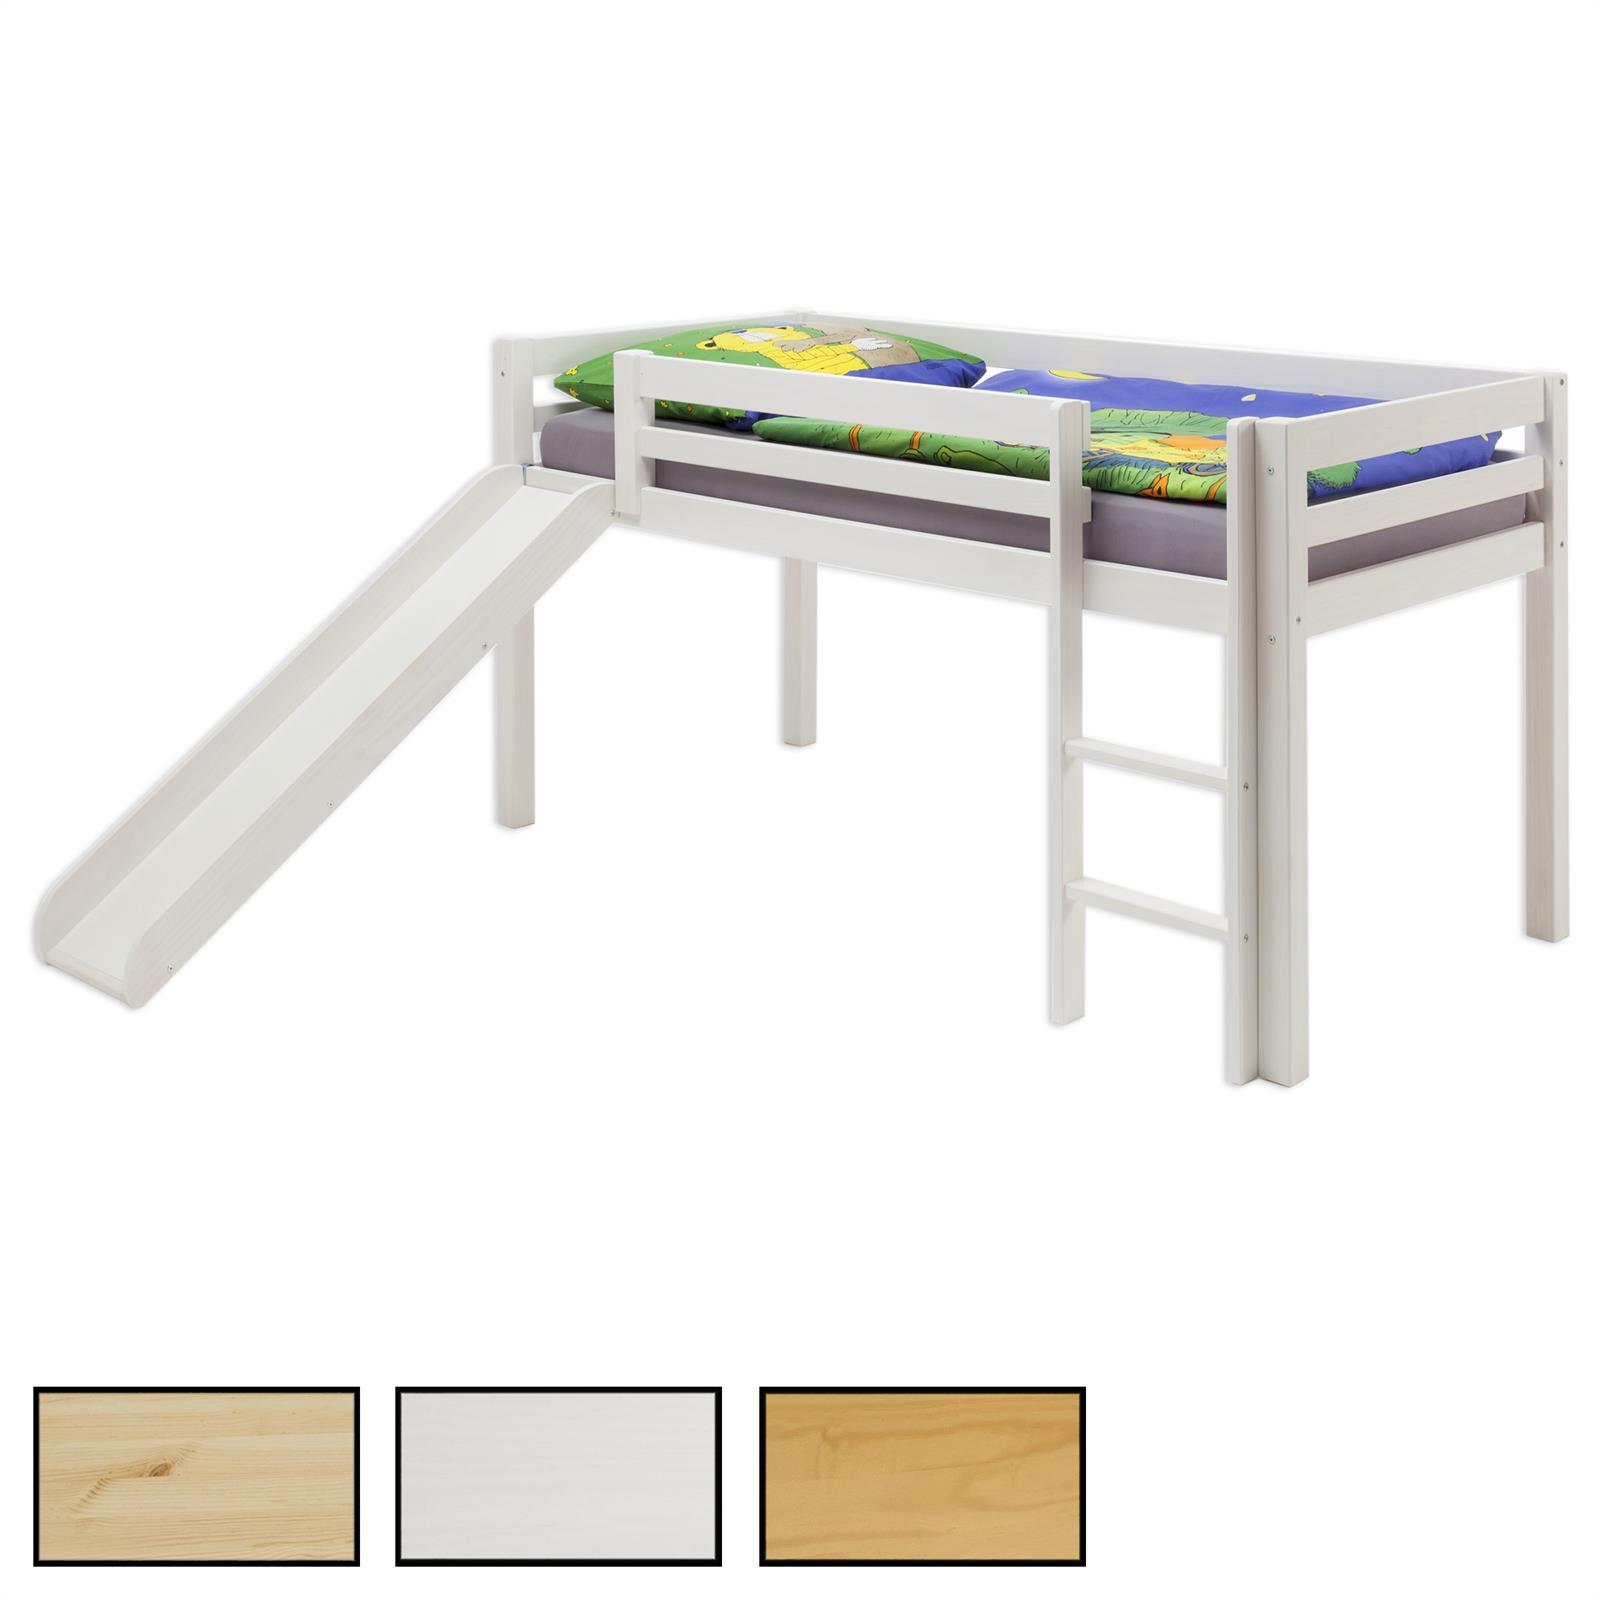 Hochbett mit Rutsche MAX in 3 Farben - mobilia24